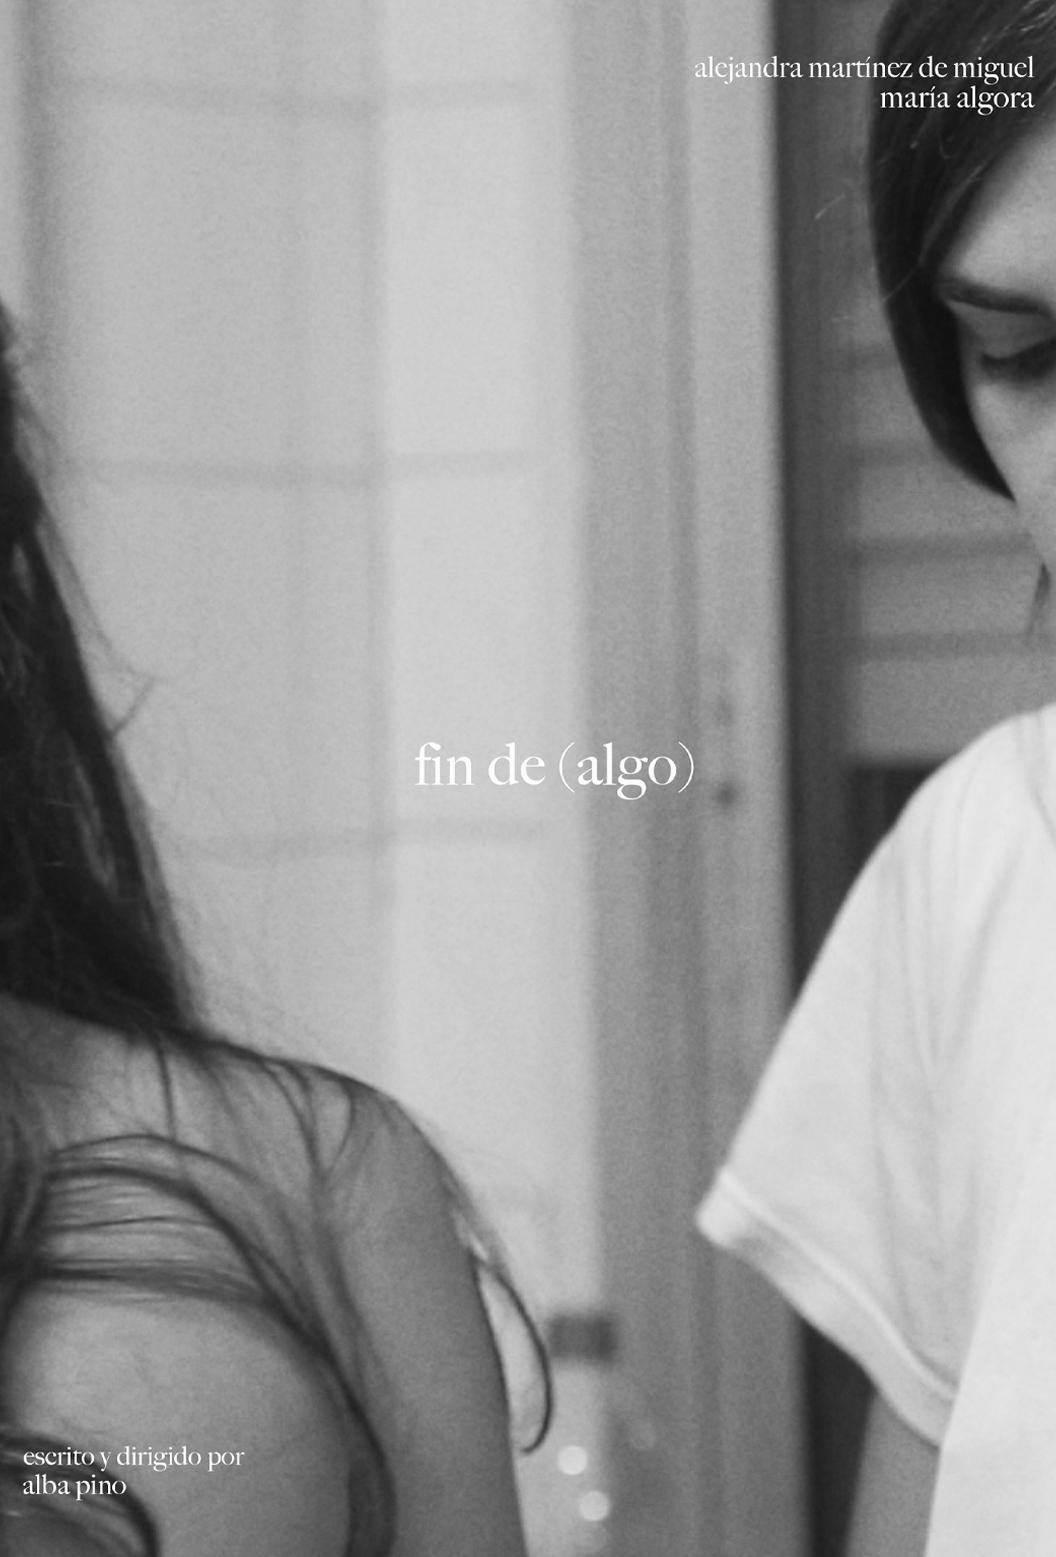 findealgo1